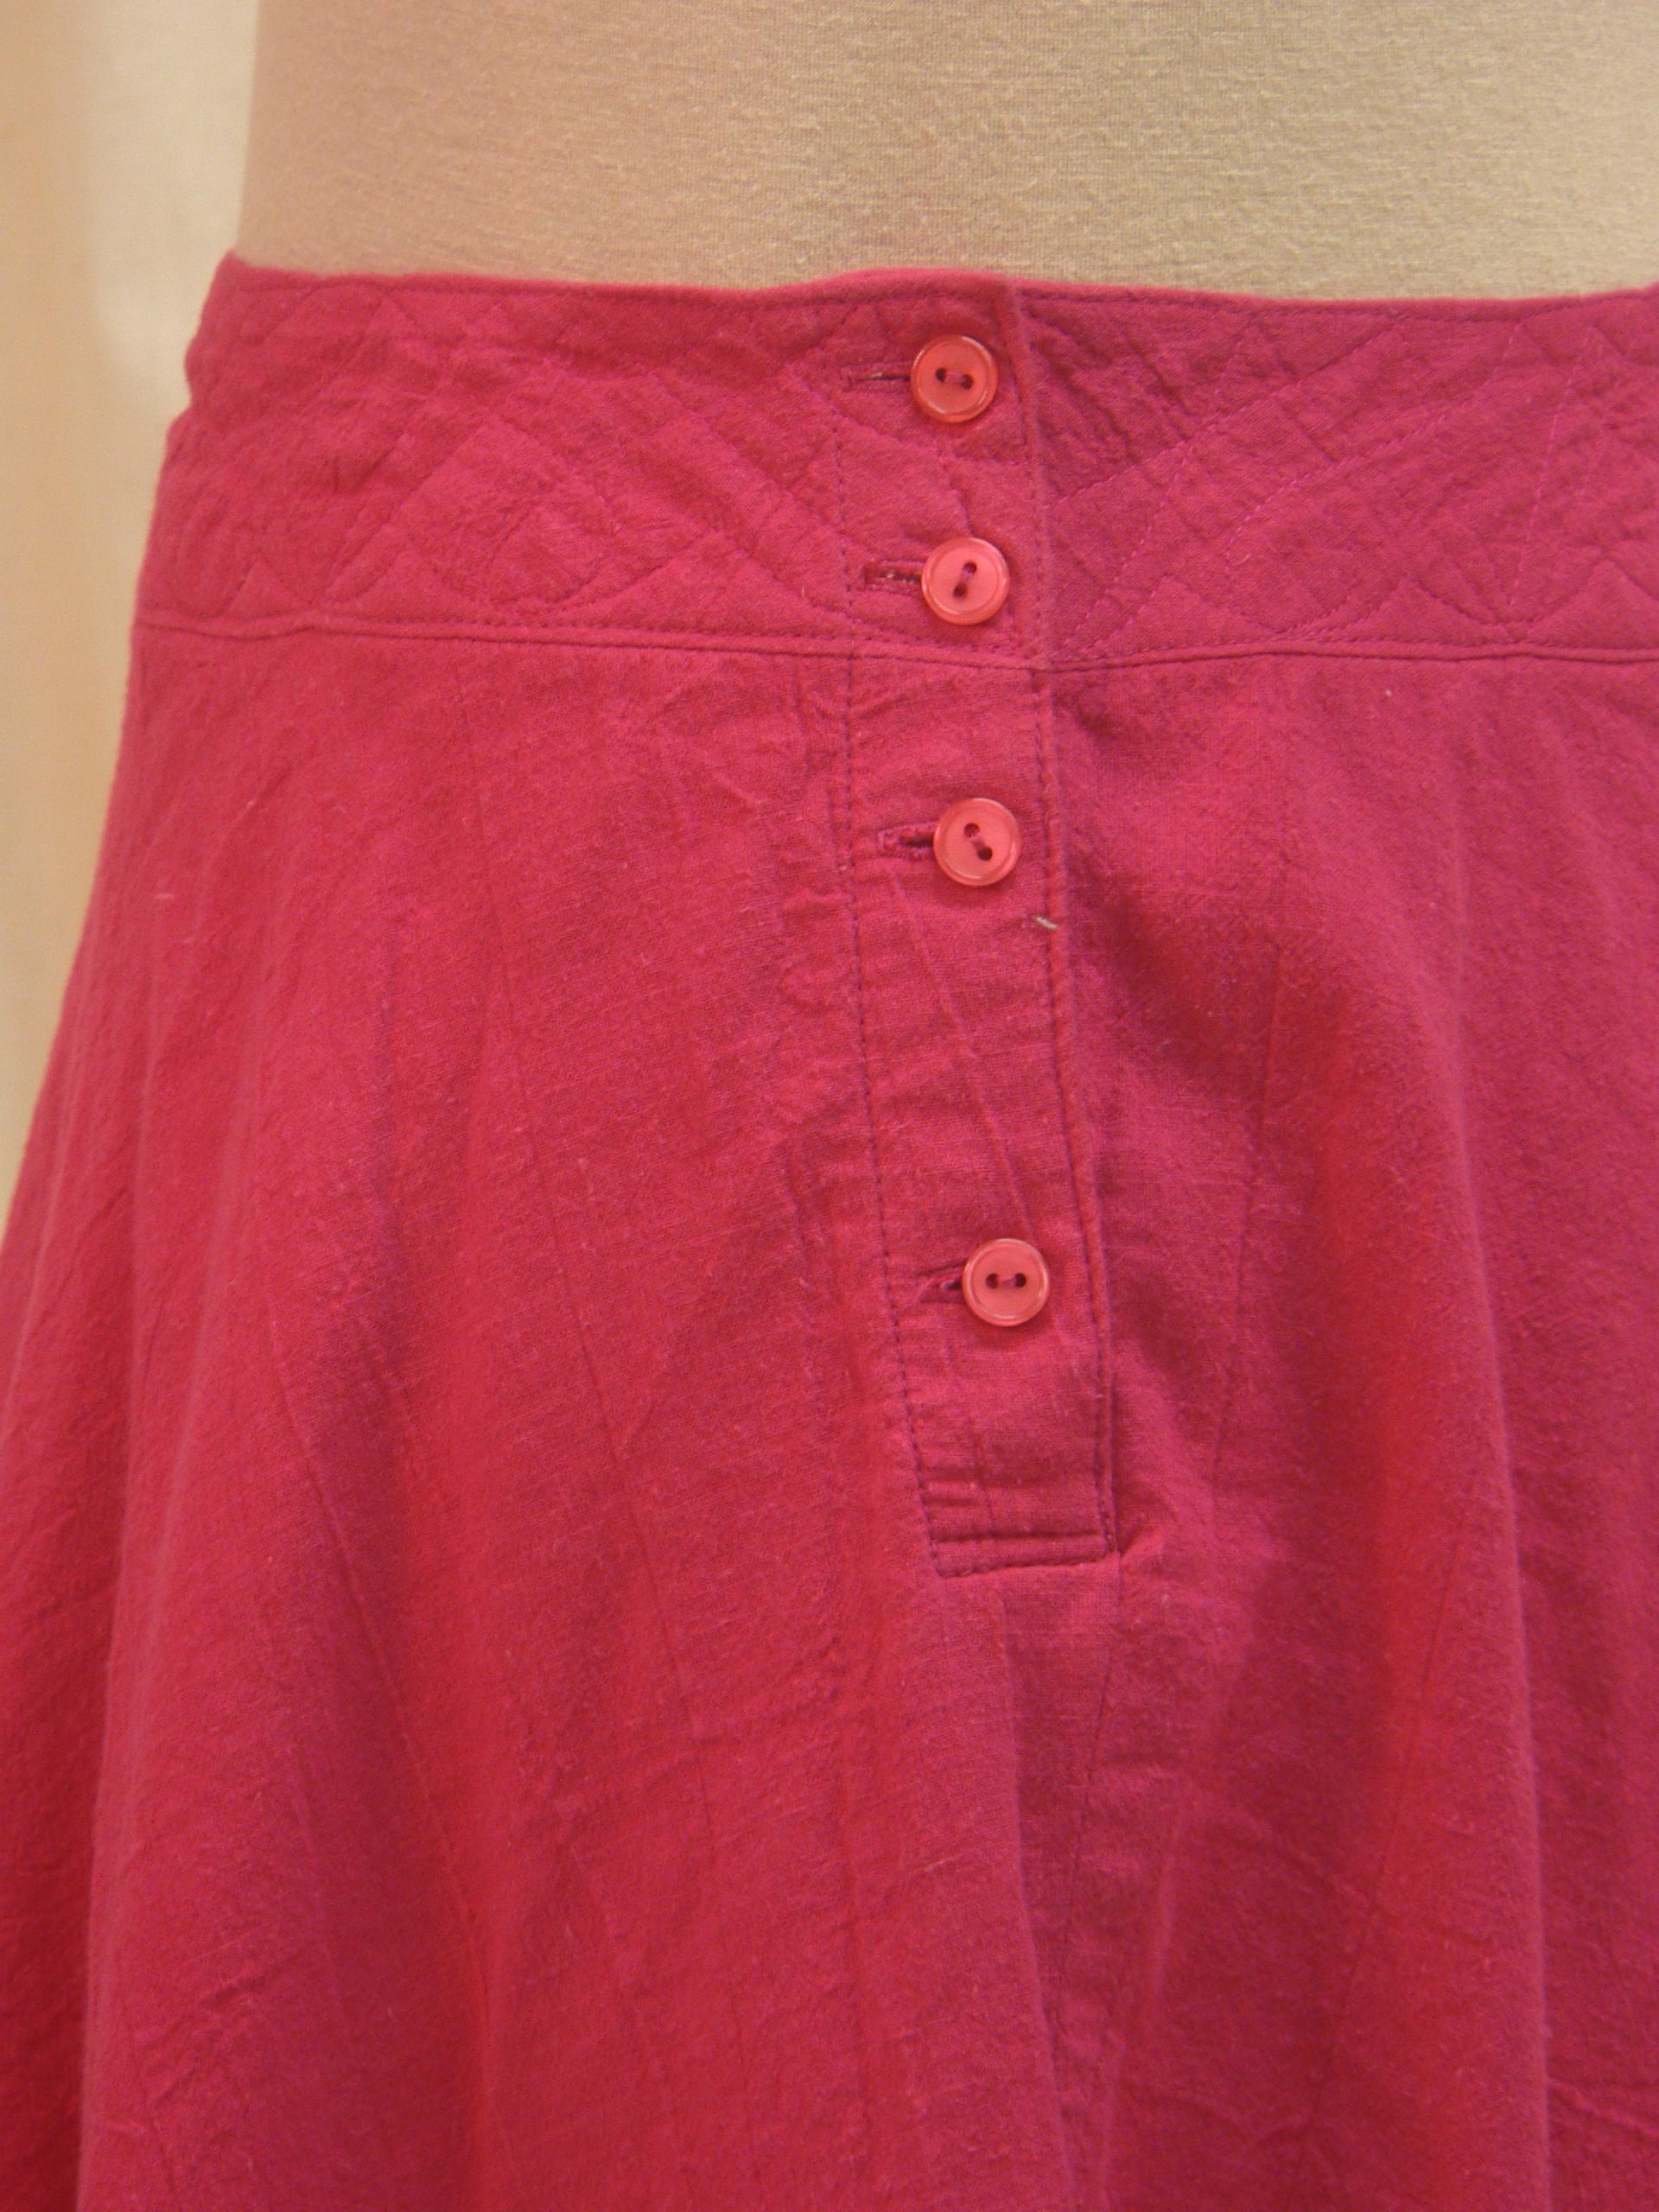 skirt09_detail_side.JPG